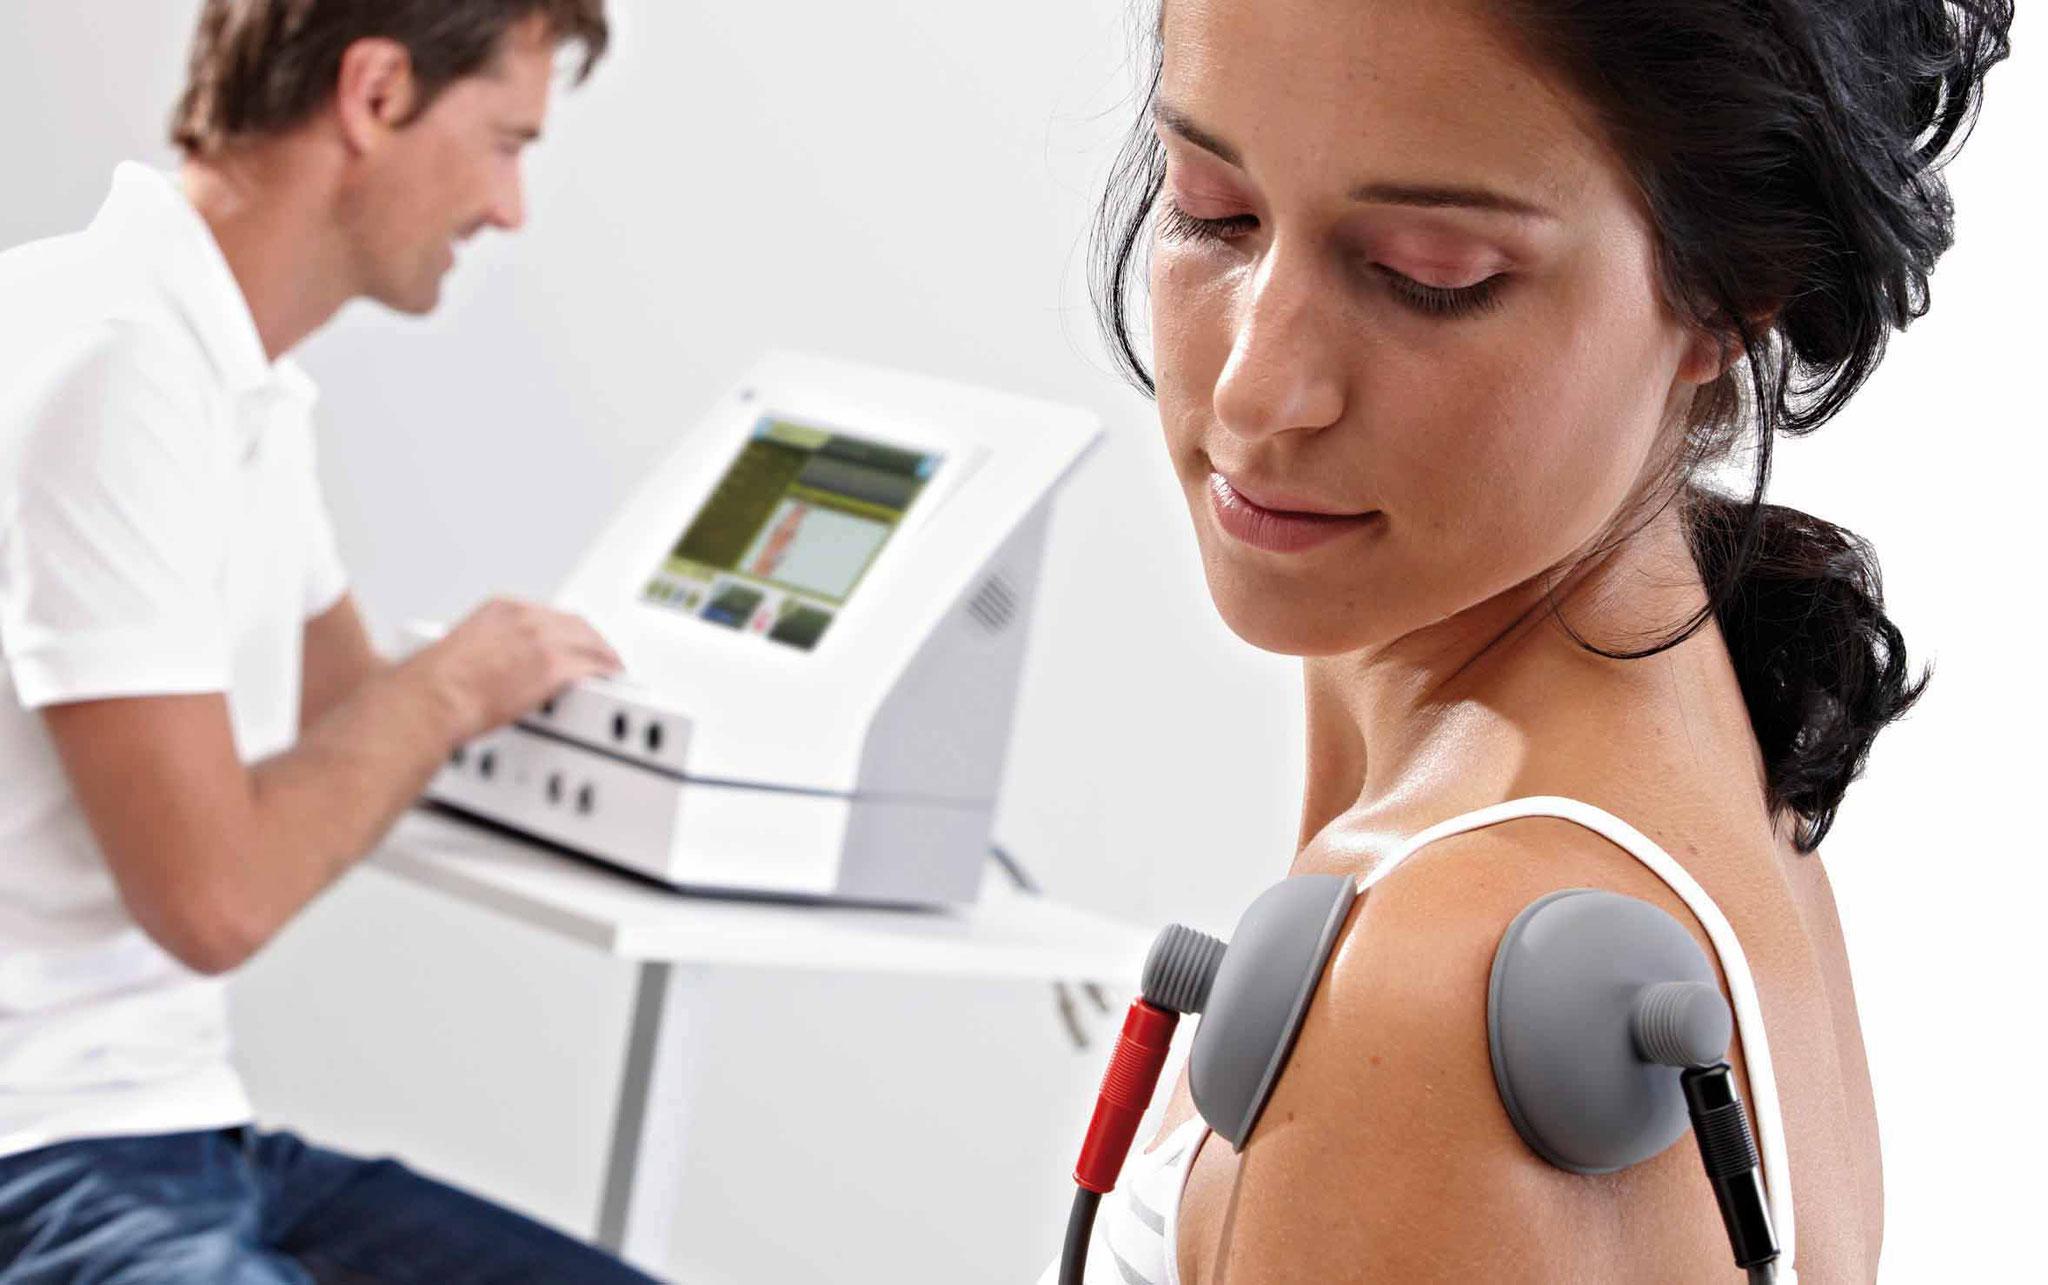 Anwendung des Vakuummoduls - deutlich schnellere Anlage der Elektroden und Anregung der Durchblutung durch zusätzliche Massagewirkung